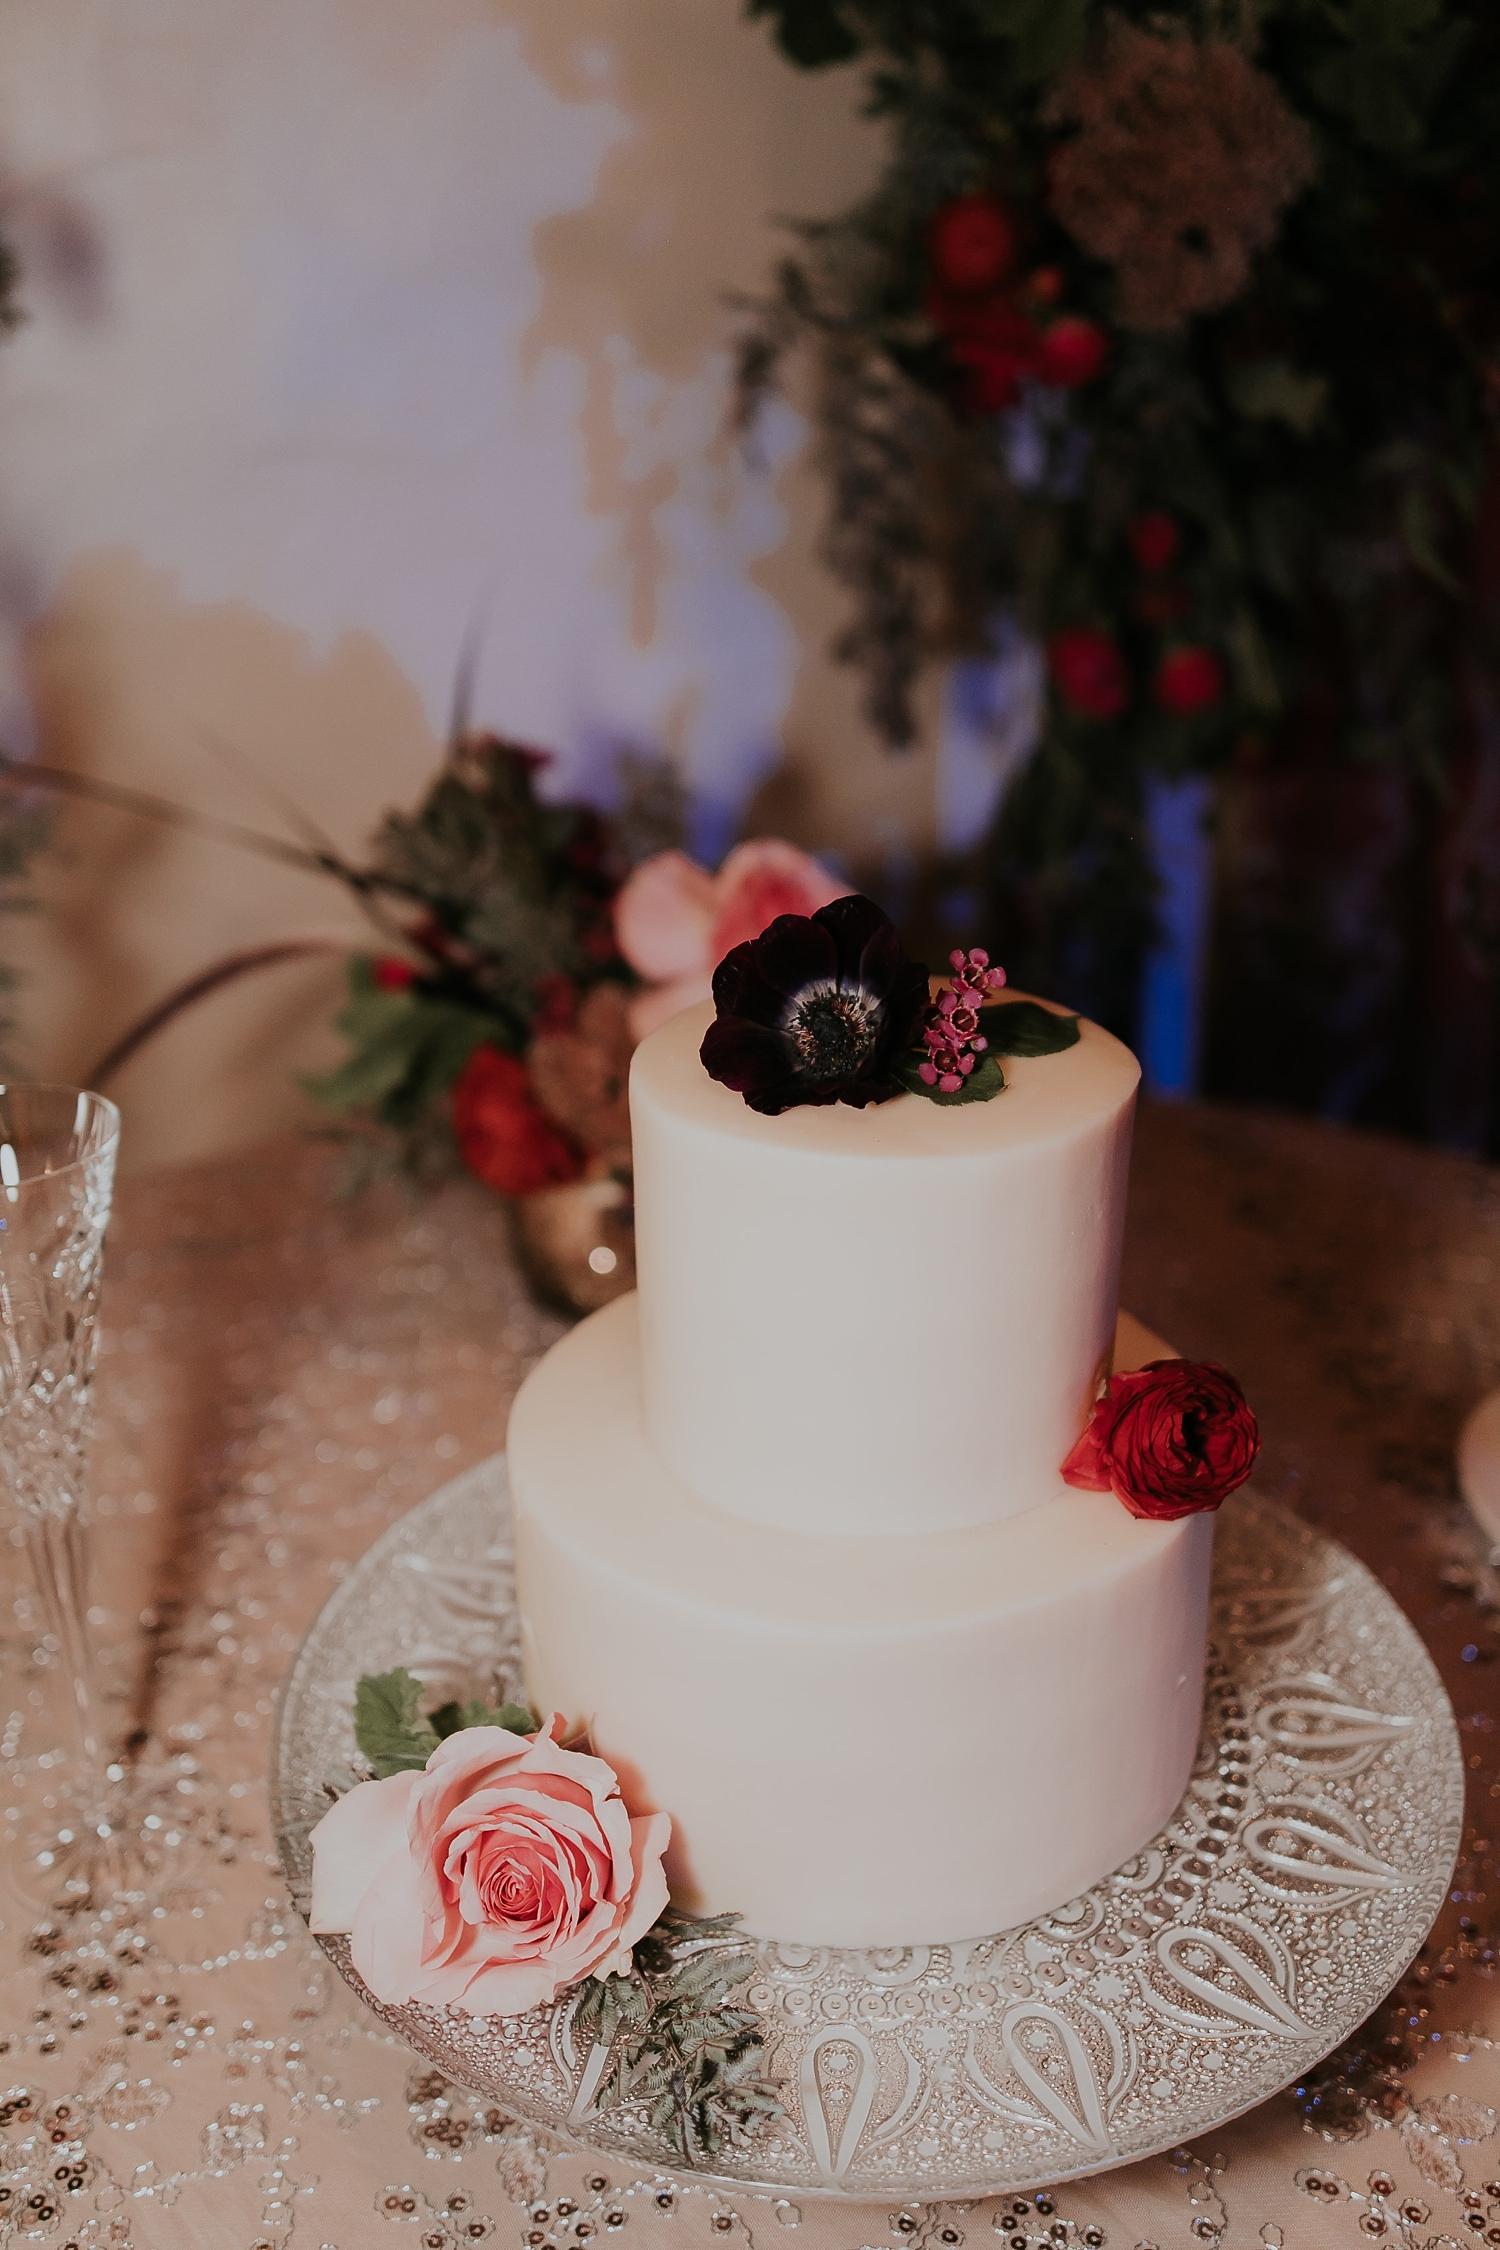 Alicia+lucia+photography+-+albuquerque+wedding+photographer+-+santa+fe+wedding+photography+-+new+mexico+wedding+photographer+-+la+fonda+wedding+-+la+fonda+fall+wedding+-+intimate+la+fonda+wedding_0040.jpg